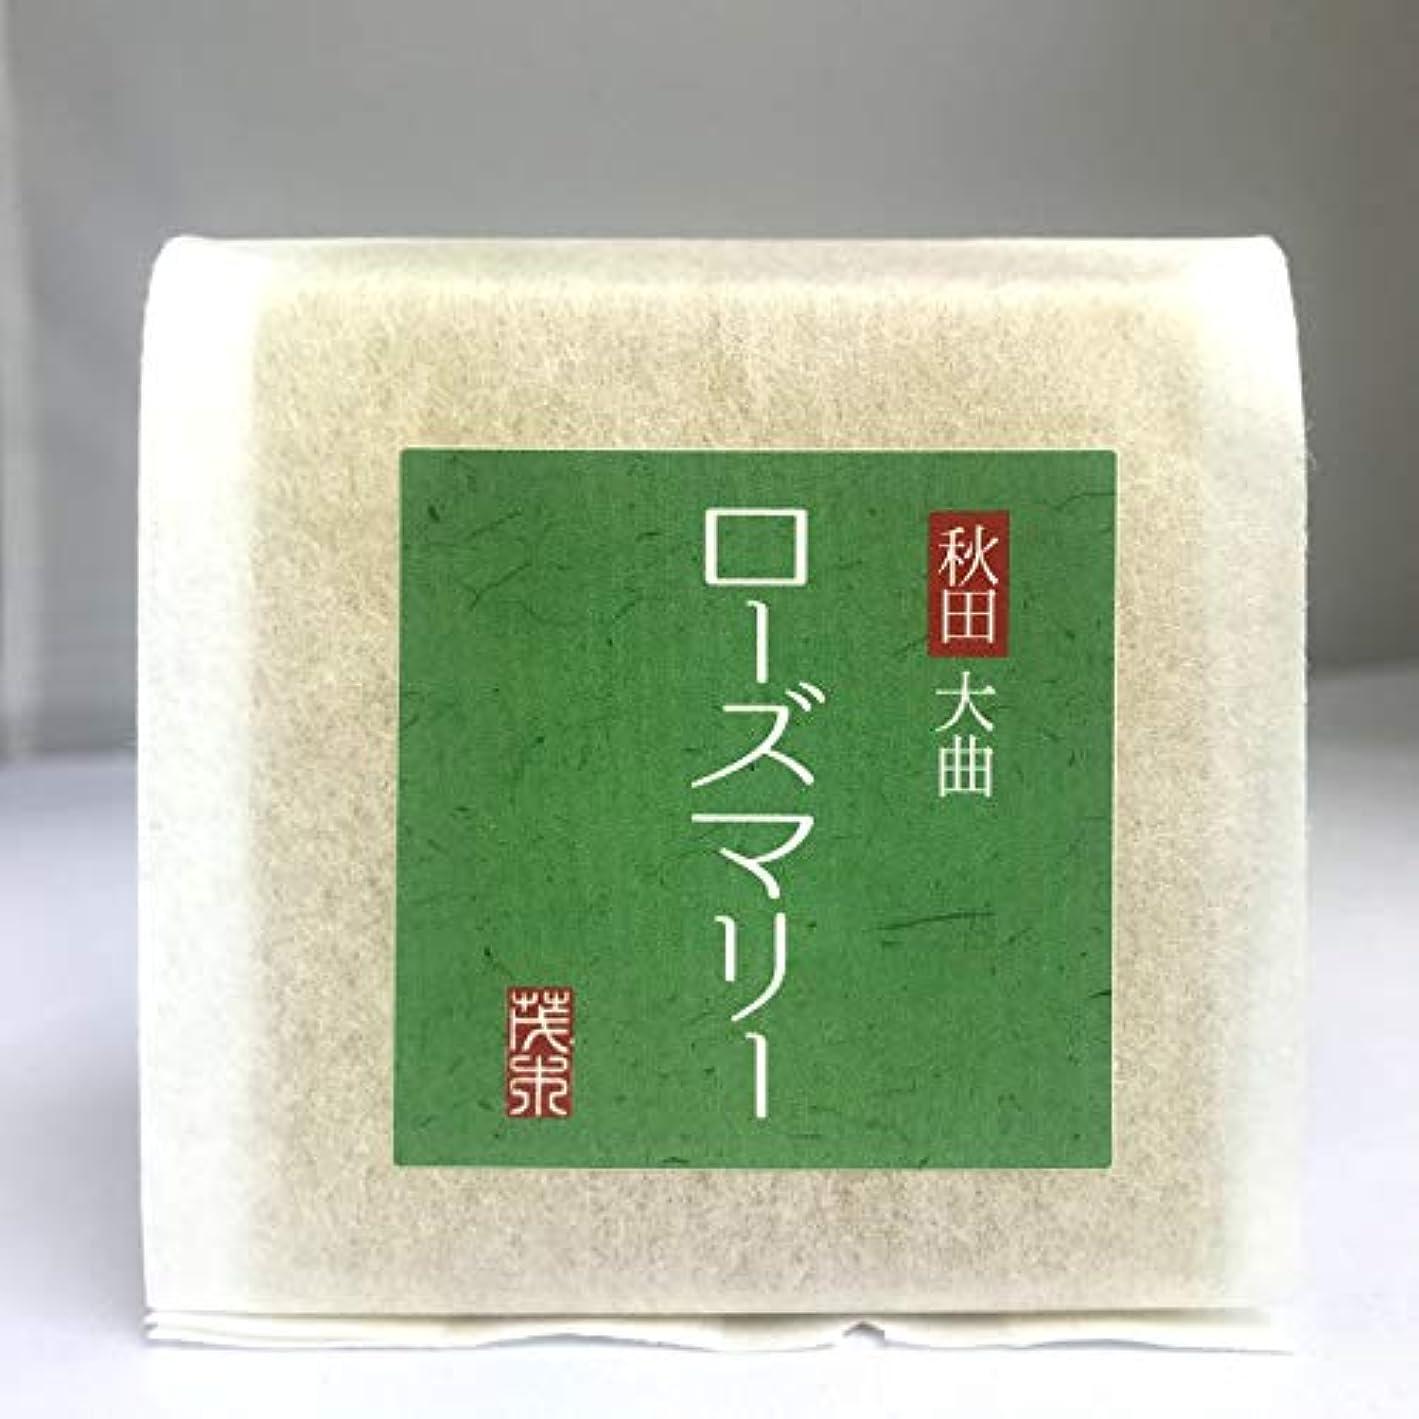 登場エキス起こりやすい無添加石鹸 ローズマリー石鹸 100g